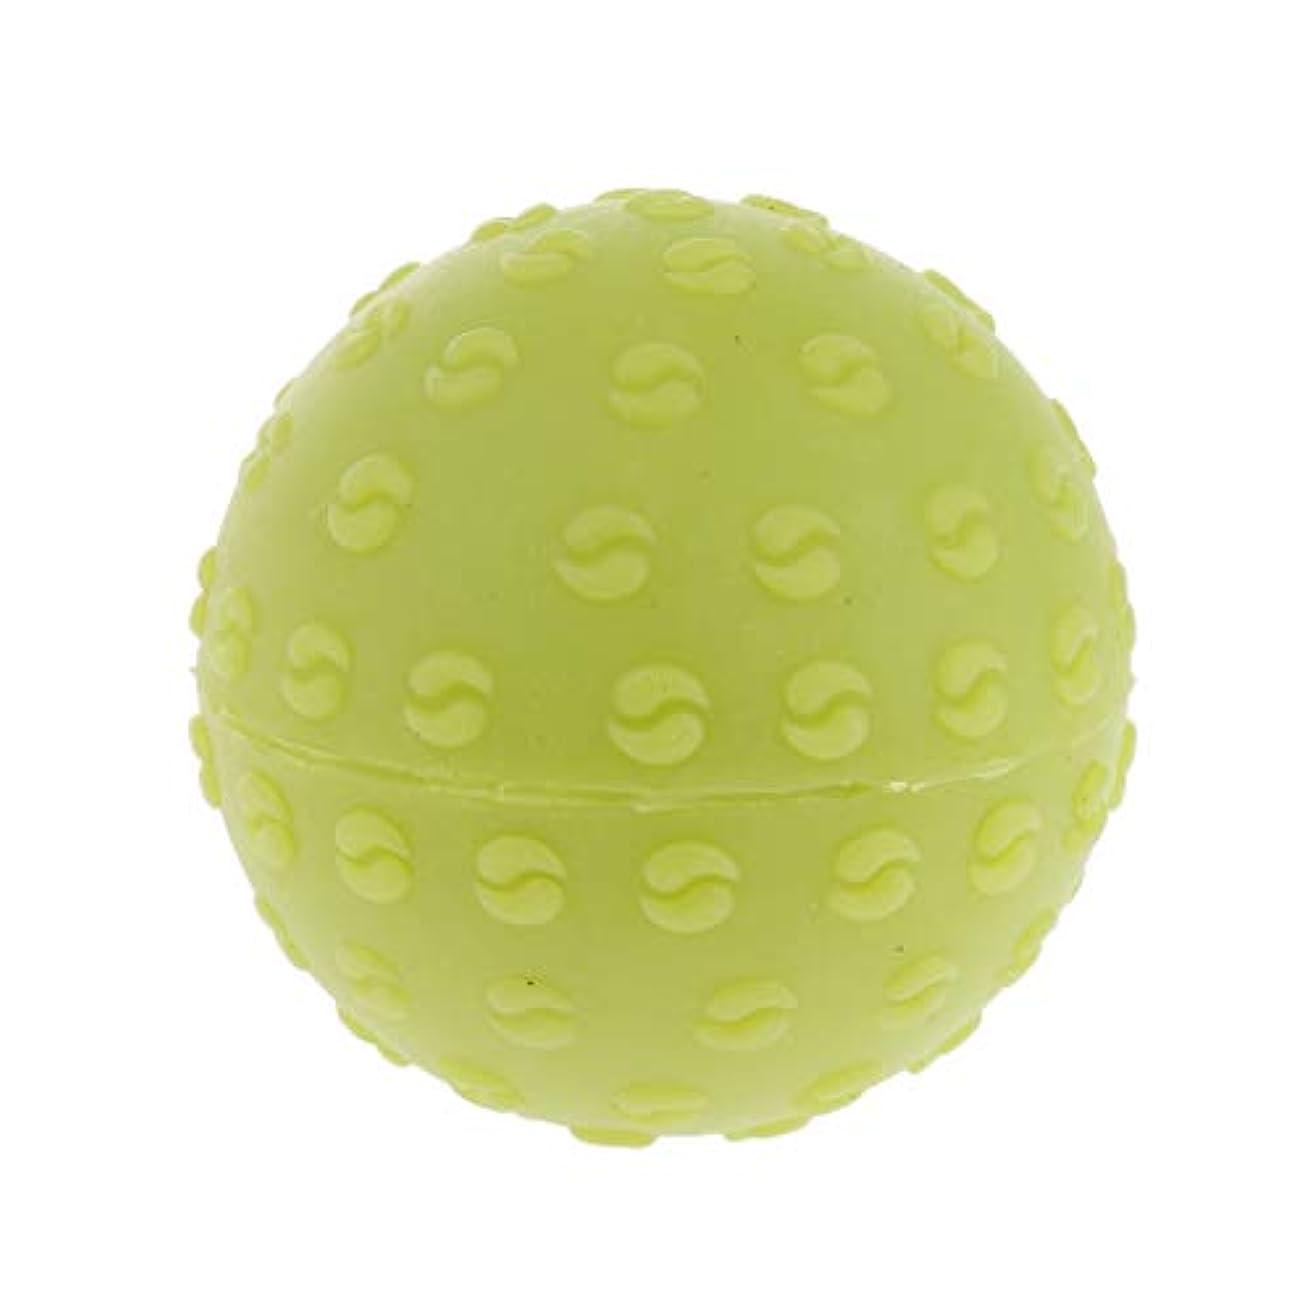 いたずら更新する読みやすいD DOLITY マッサージボール 指圧ボール シリコーン トリガーポイント 足底筋膜炎 ヨガ 快適 全6色 - 緑, 説明のとおり